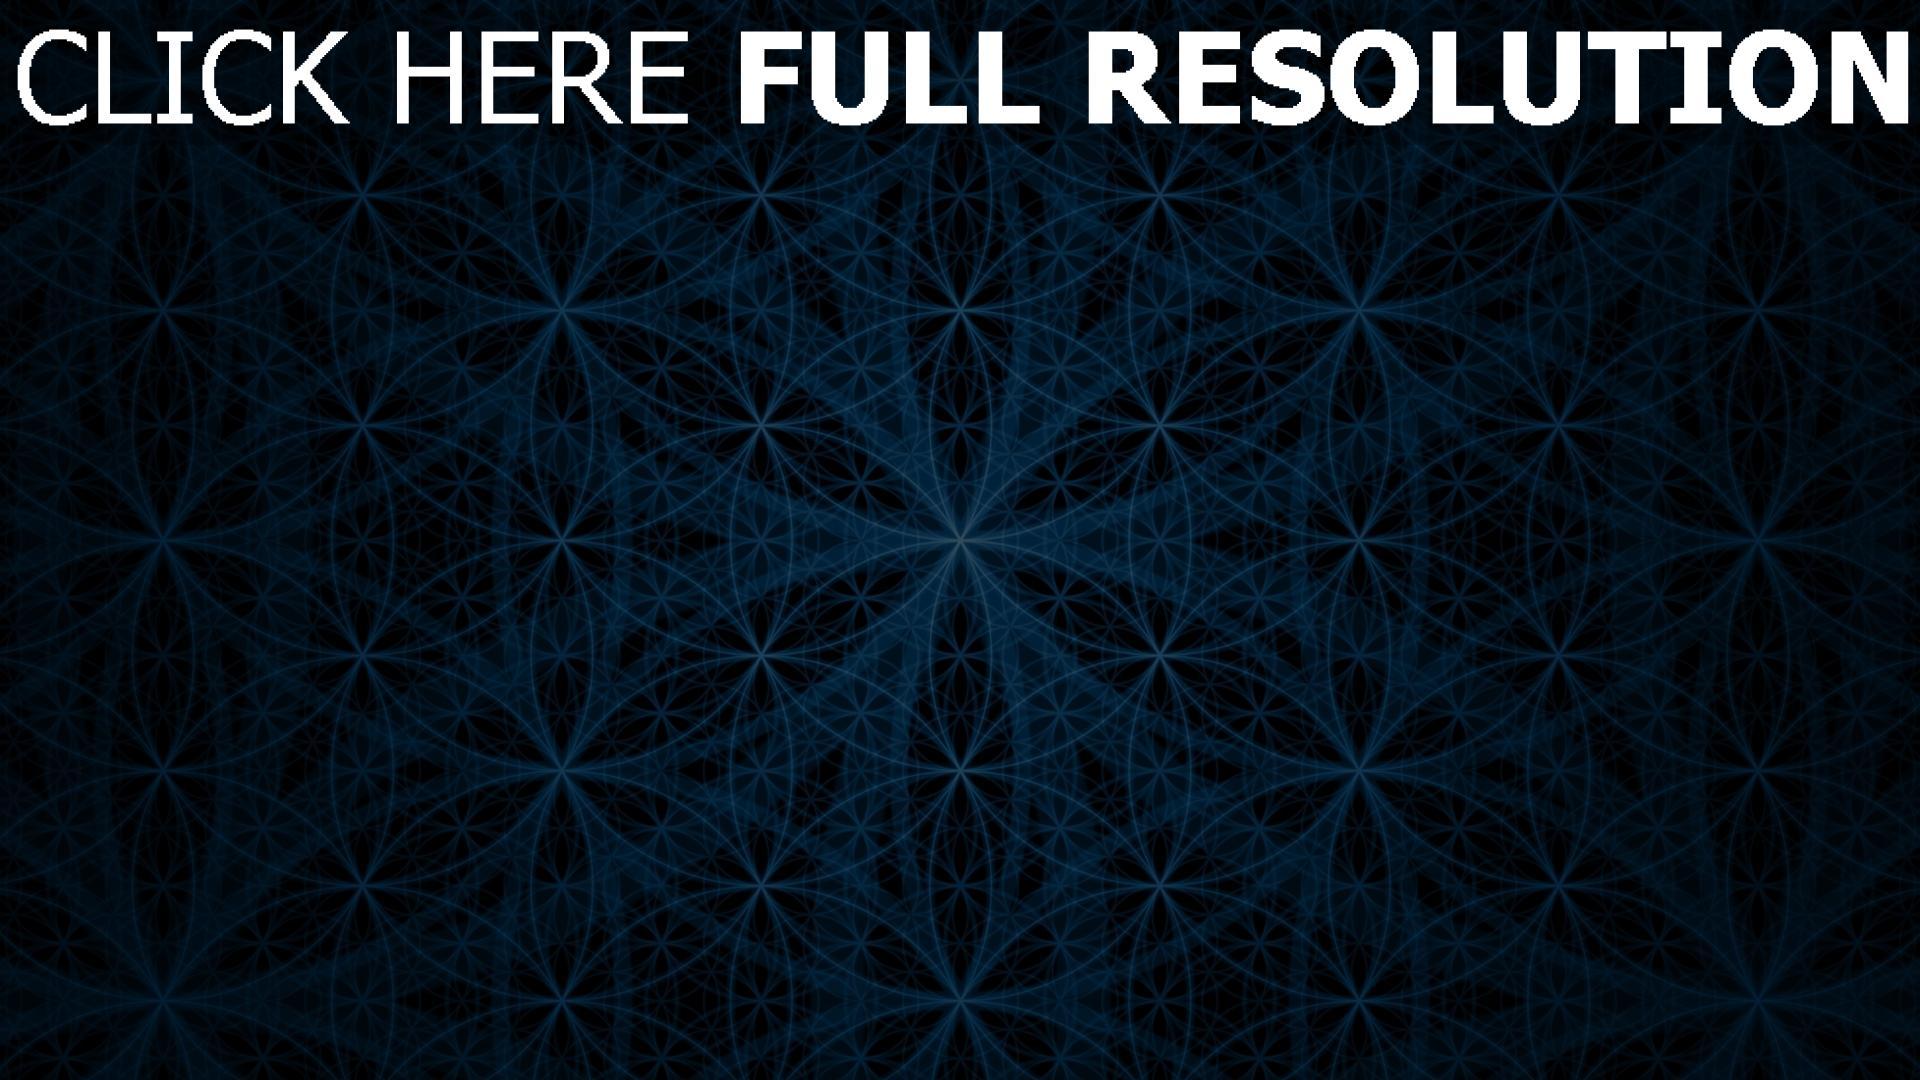 hd hintergrundbilder kreise blau muster textur dunkel 1920x1080